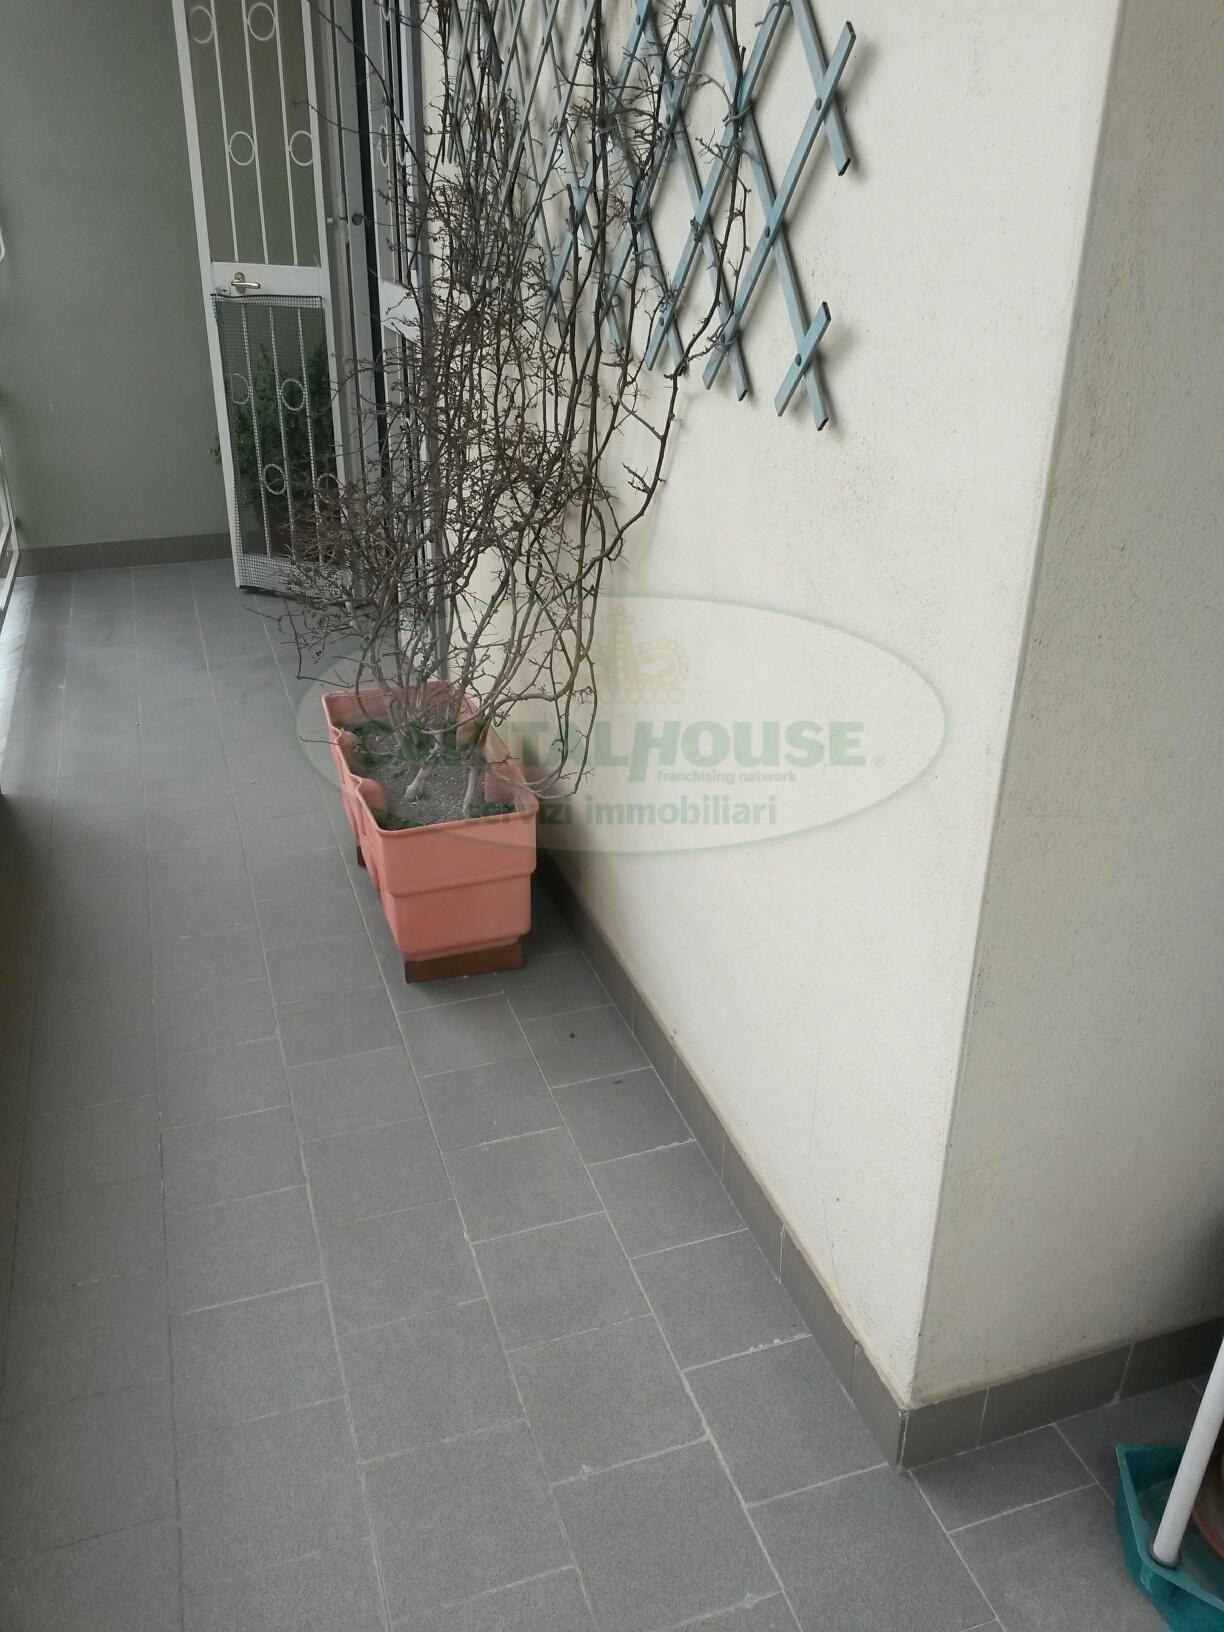 Appartamento in affitto a Portico di Caserta, 3 locali, prezzo € 325 | Cambio Casa.it